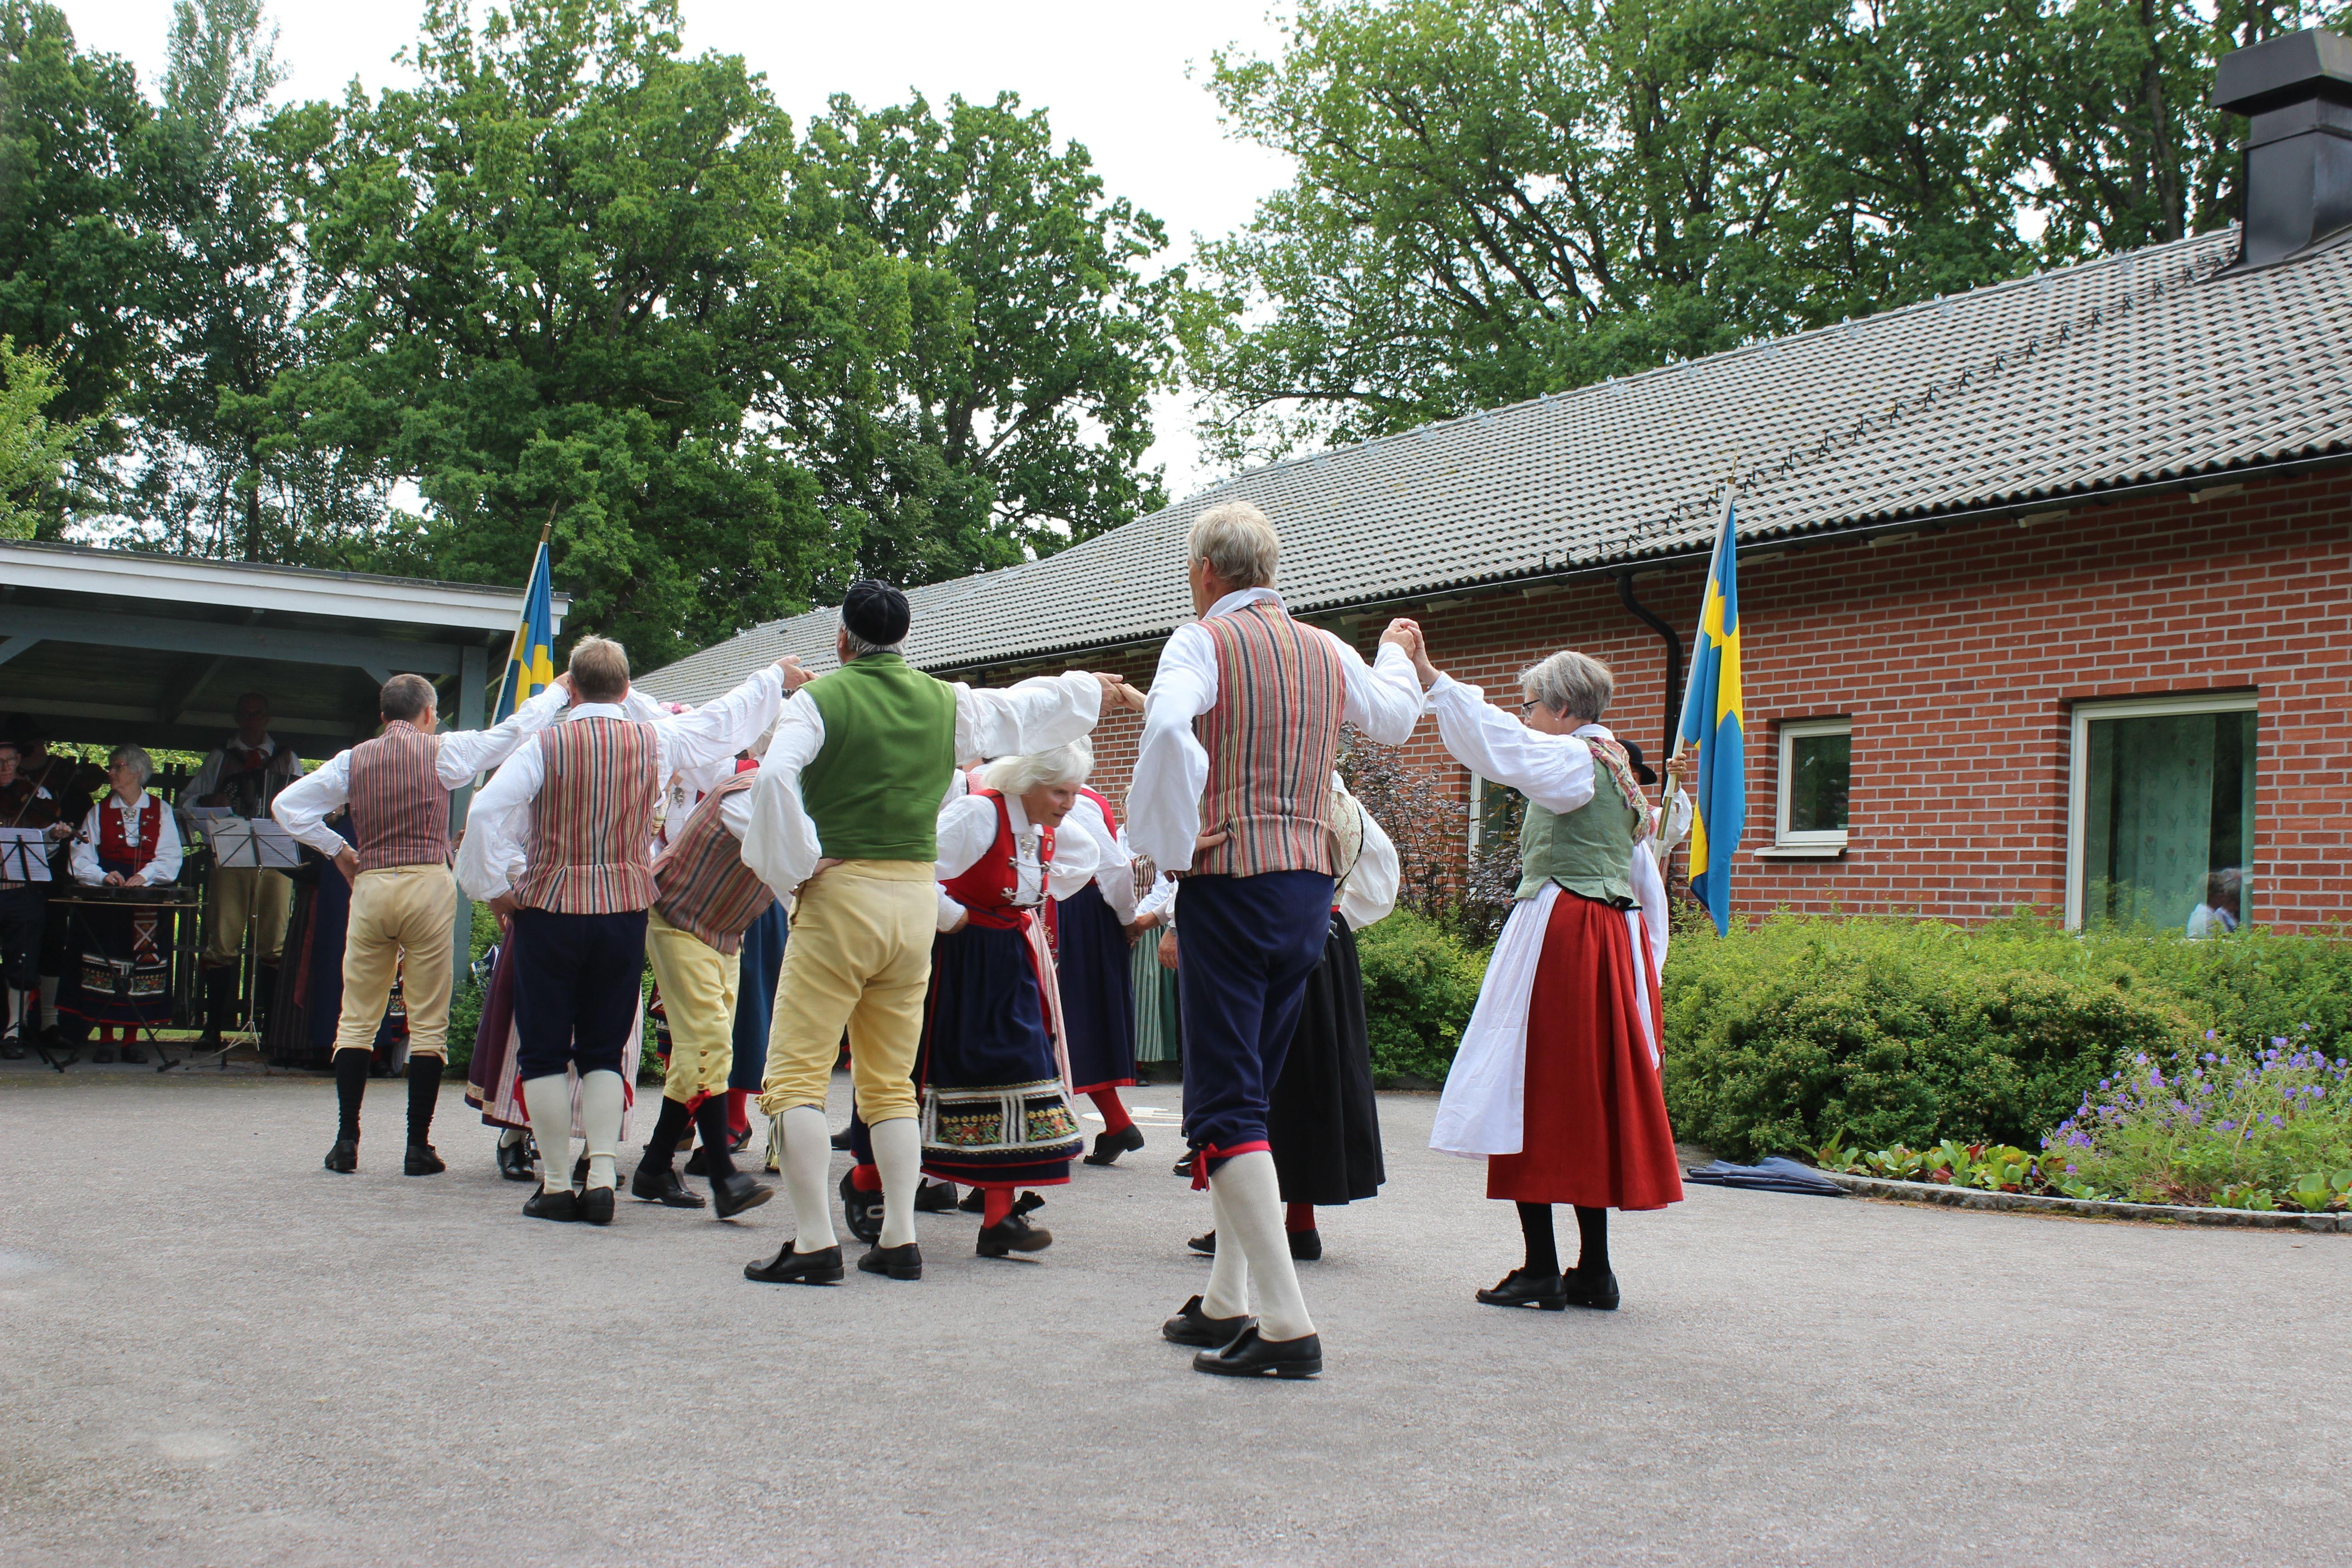 Midsommarfirande - Folkdansuppvisning av Virestads Folkdanslag